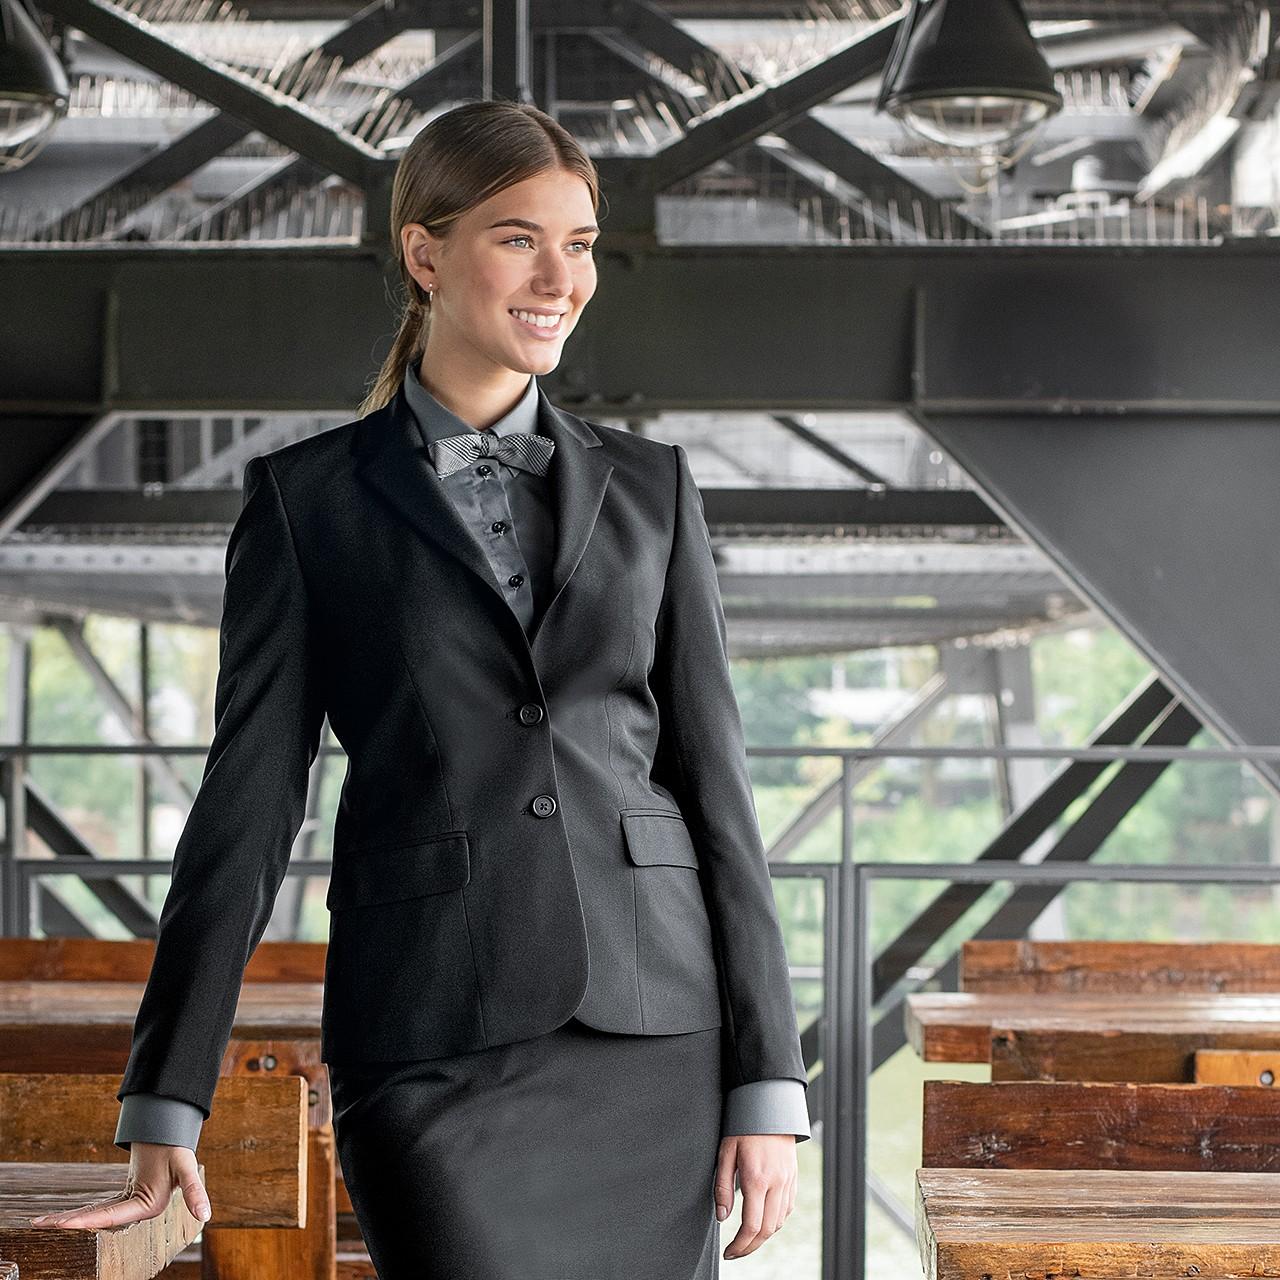 Damen Service Blazer Casual Regular Fit Greiff® | bedrucken, besticken, bedrucken lassen, besticken lassen, mit Logo |